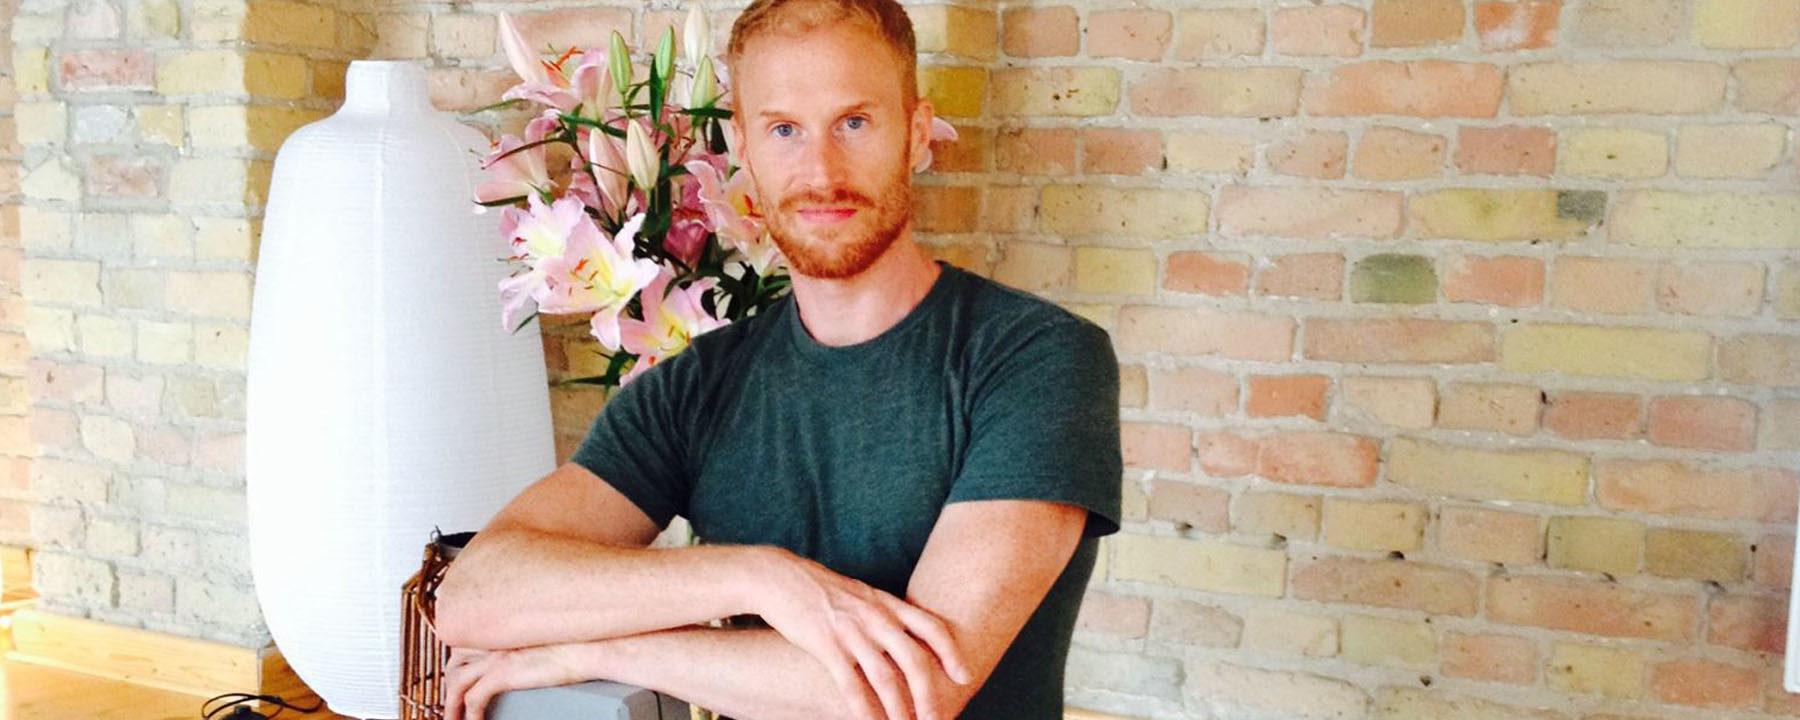 Victor Thiele für NOSADE_Source yogafürdich